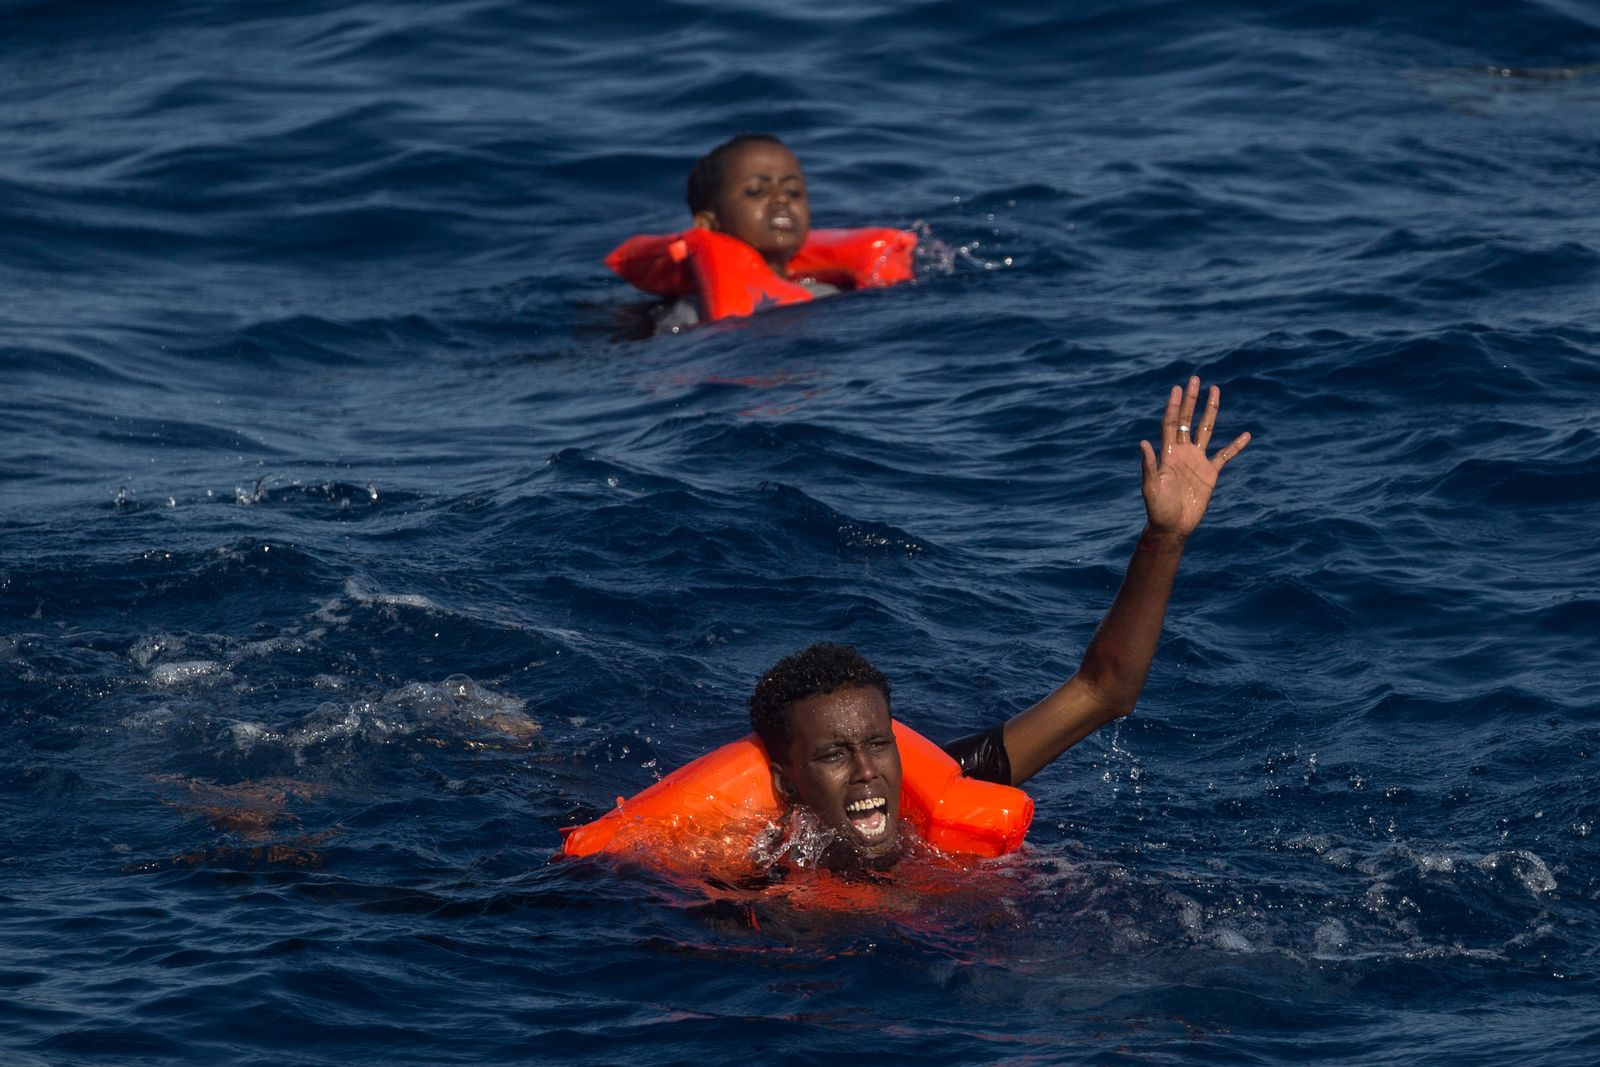 Italien/ Flüchtlinge / Migranten